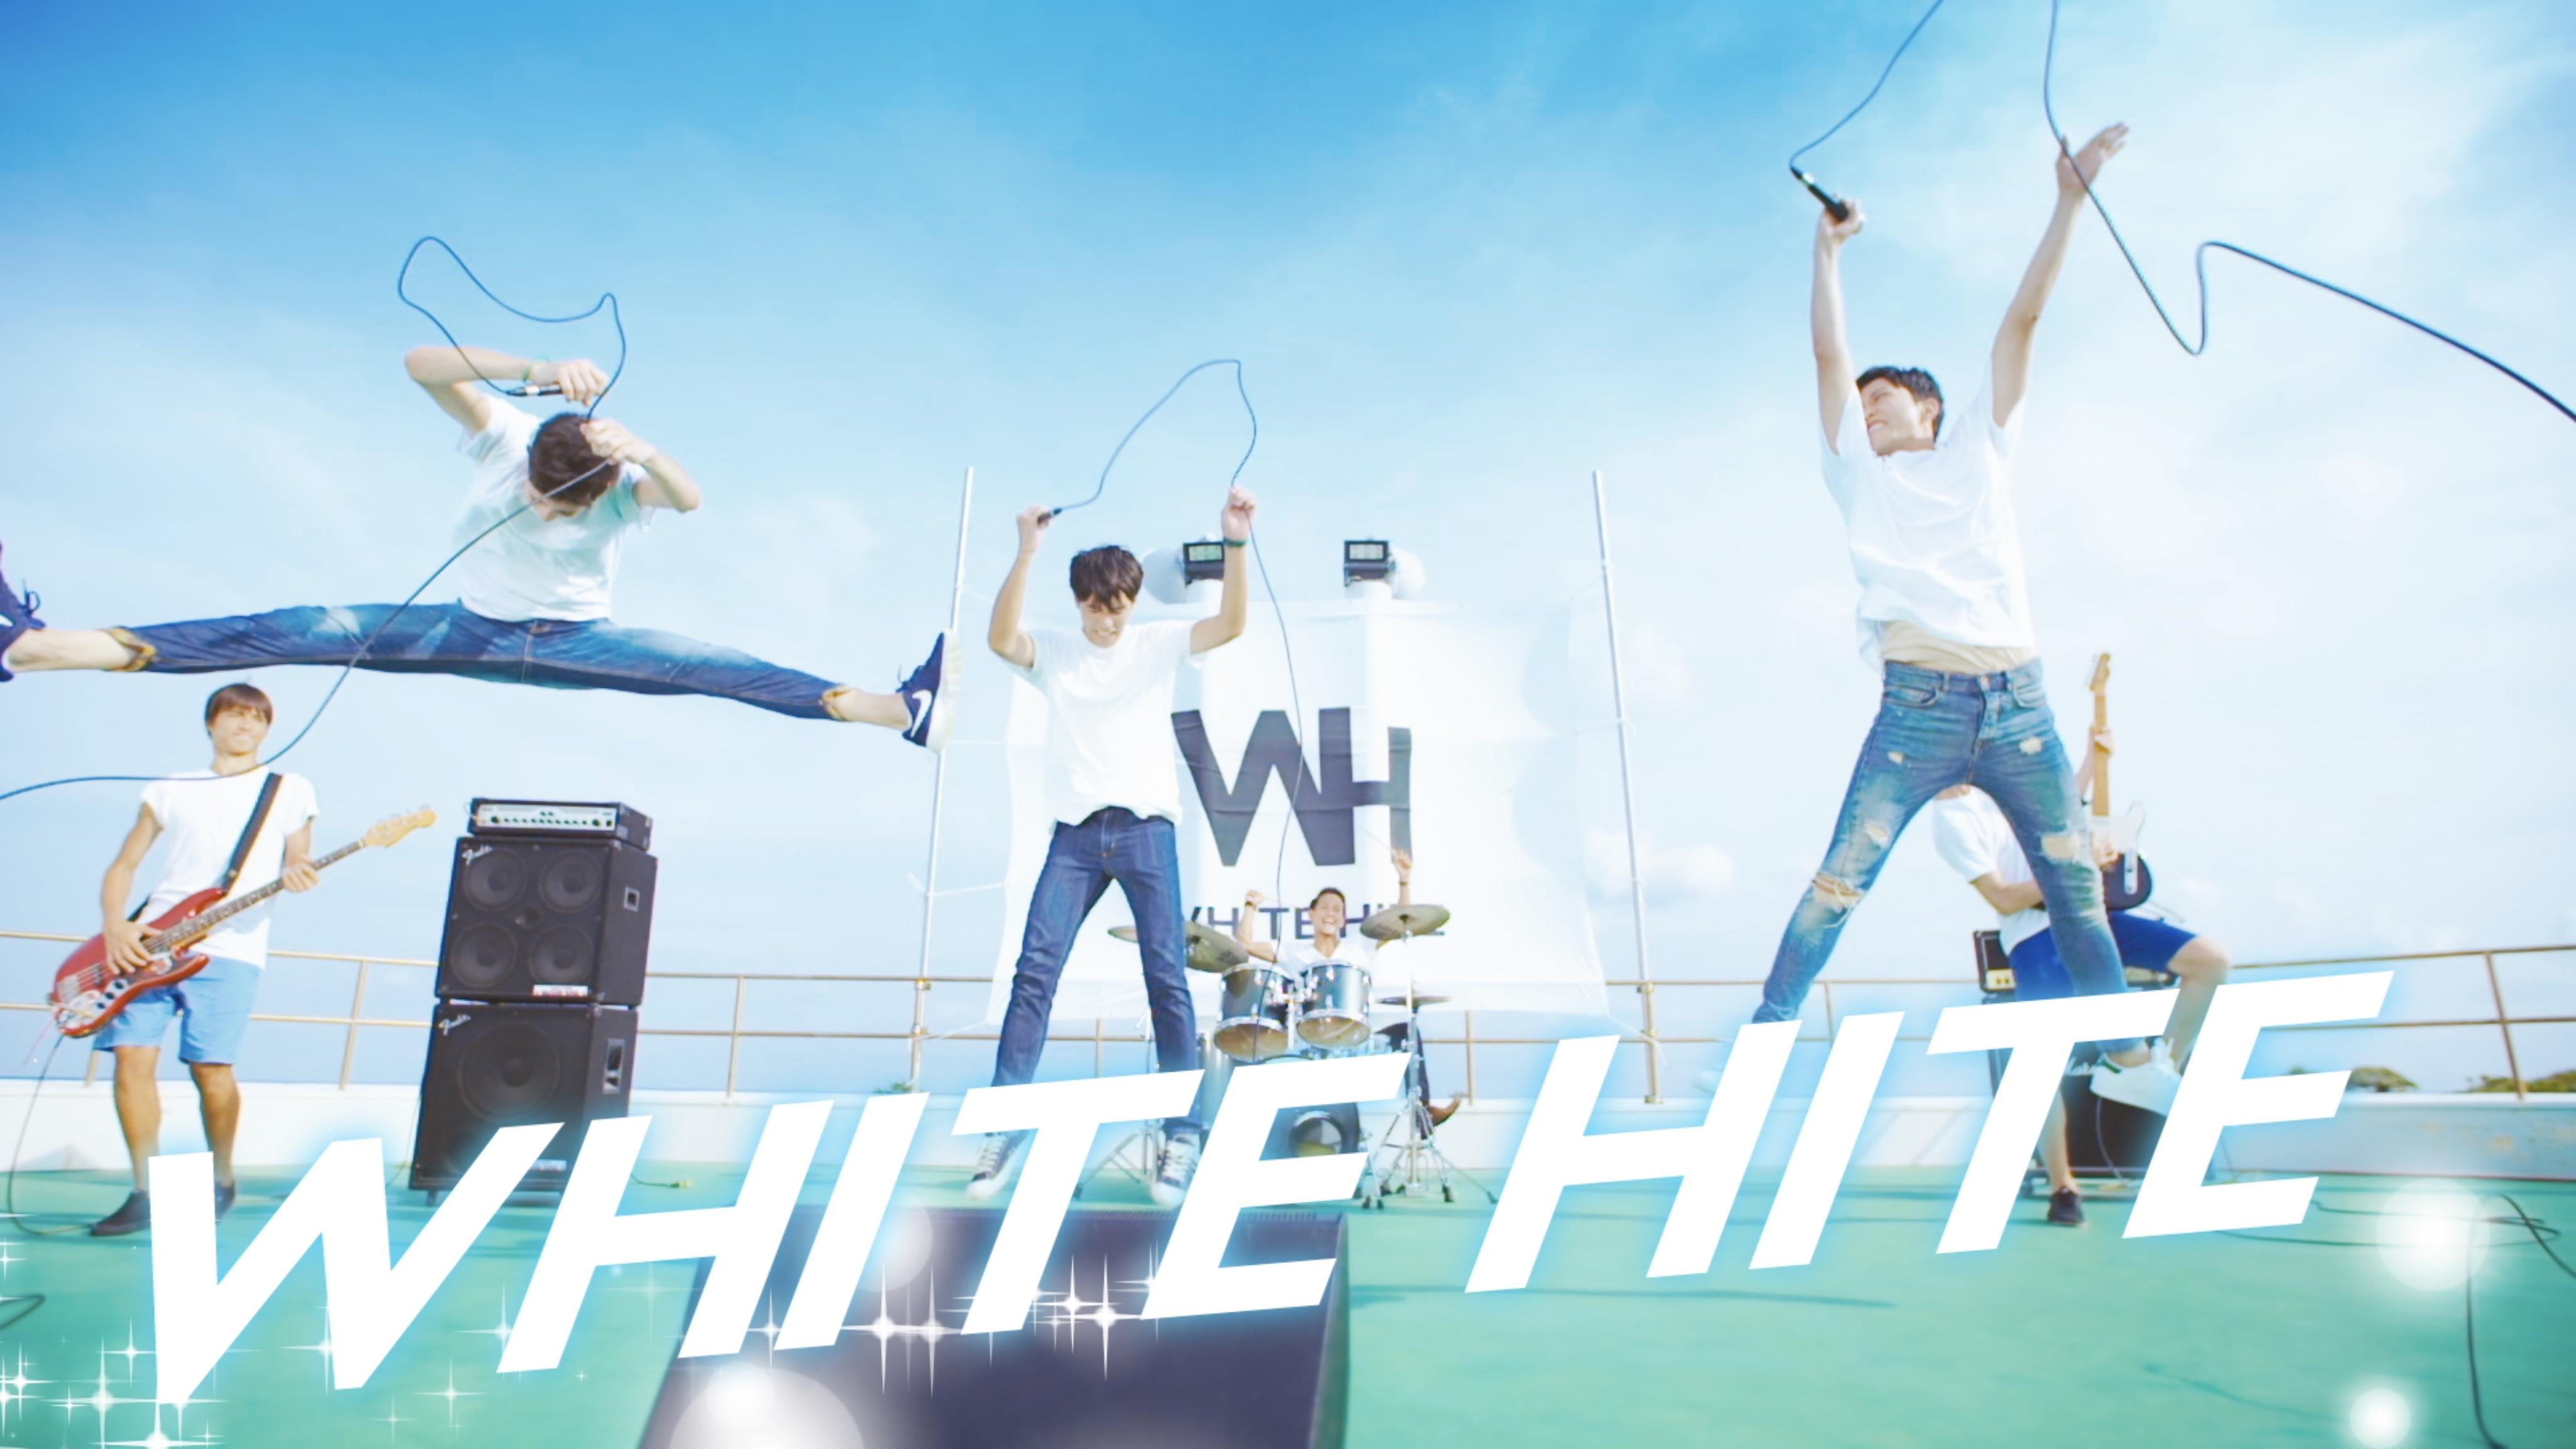 WHITE HITE